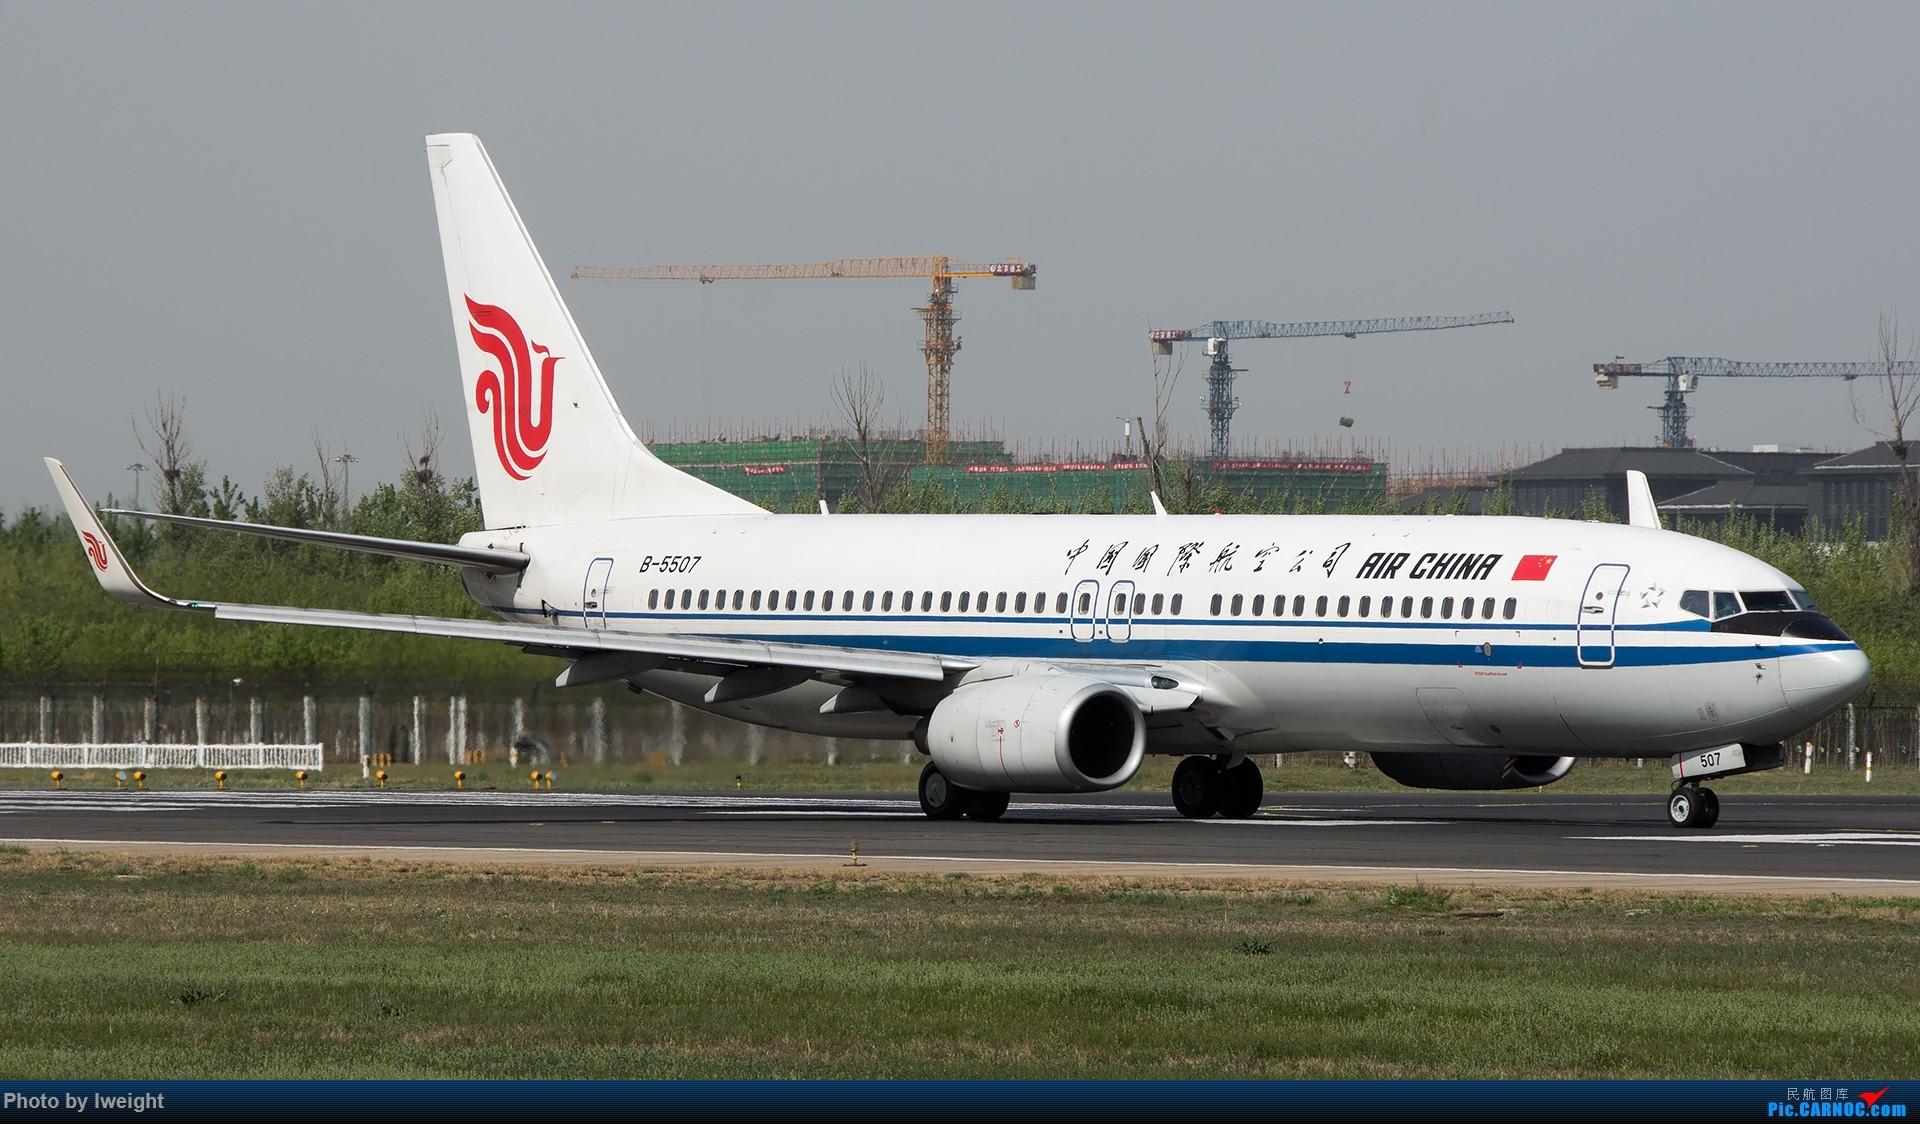 Re:[原创]天气晴朗,继续守候18R【多图】 BOEING 737-800 B-5507 中国北京首都国际机场